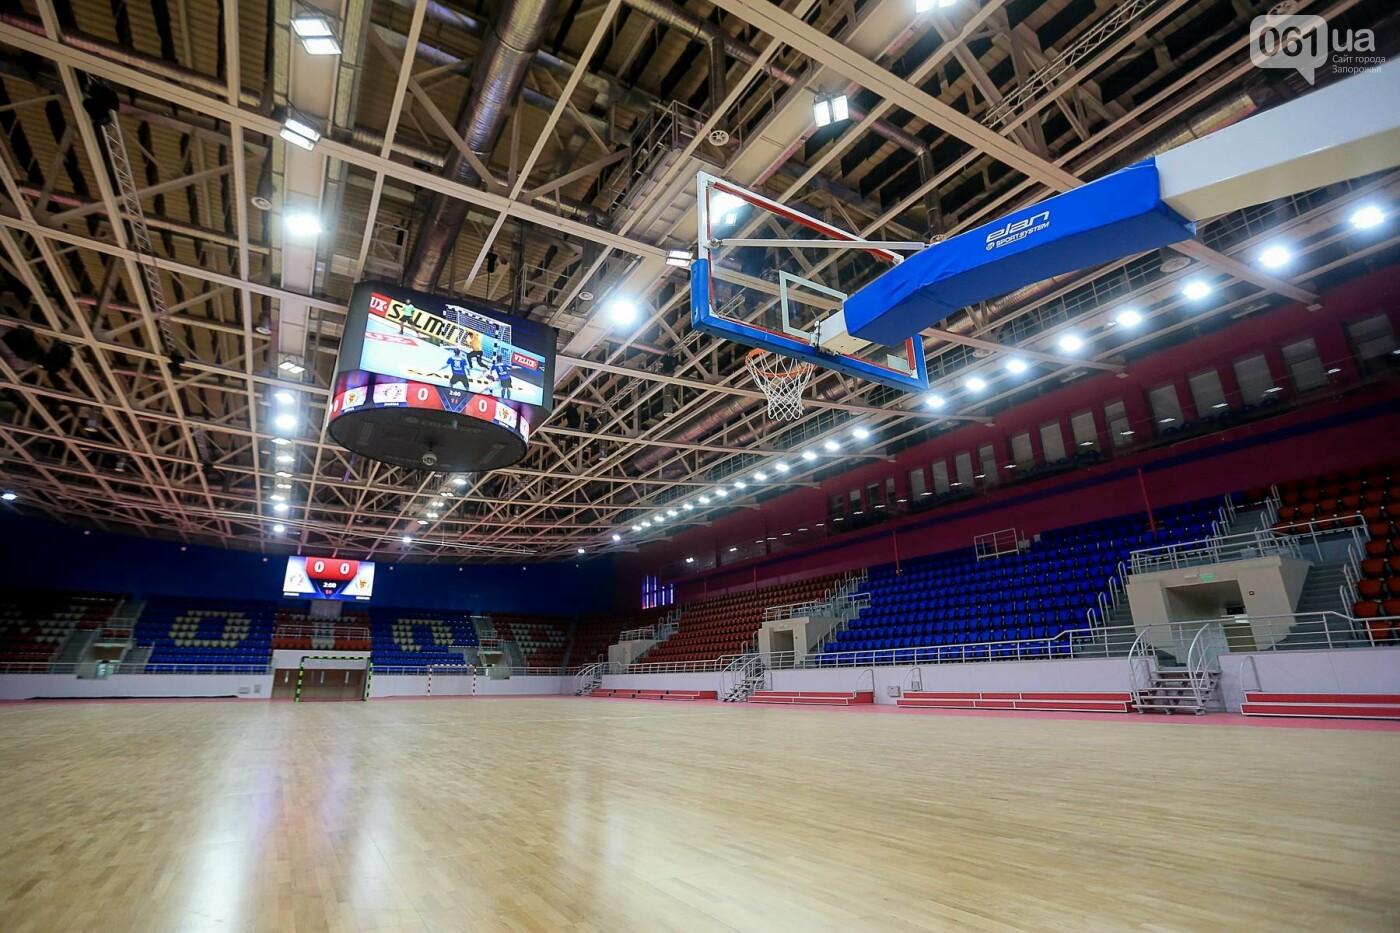 Представители Европейской гандбольной федерации проинспектировали запорожскую «Юность», - ФОТО, фото-15